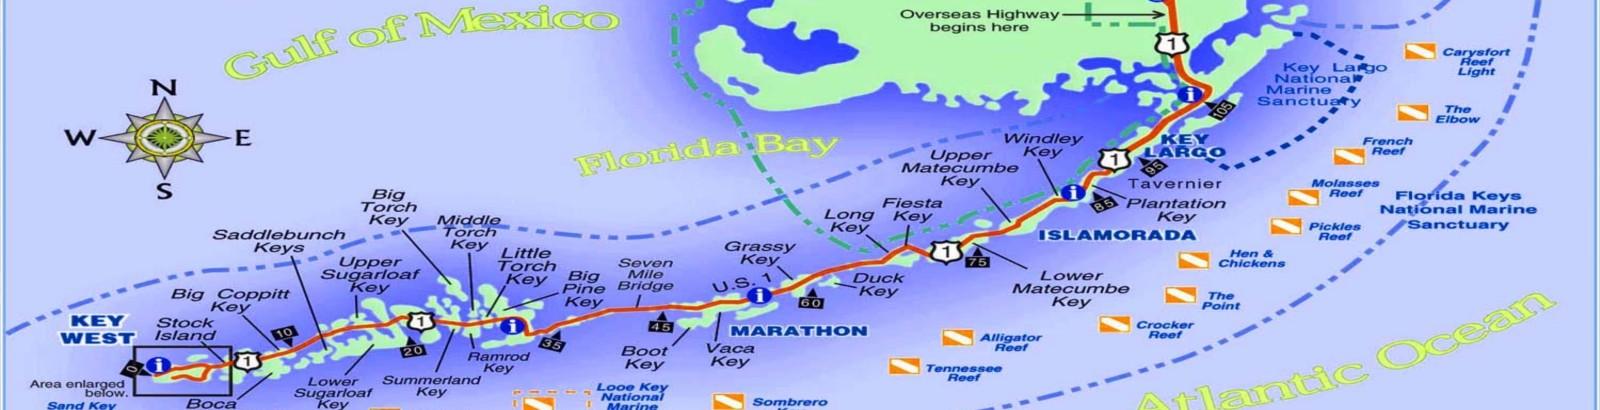 Printable Map Of Florida Keys.Printable Map Of Fl Keys Printable And Coloring Page 2018